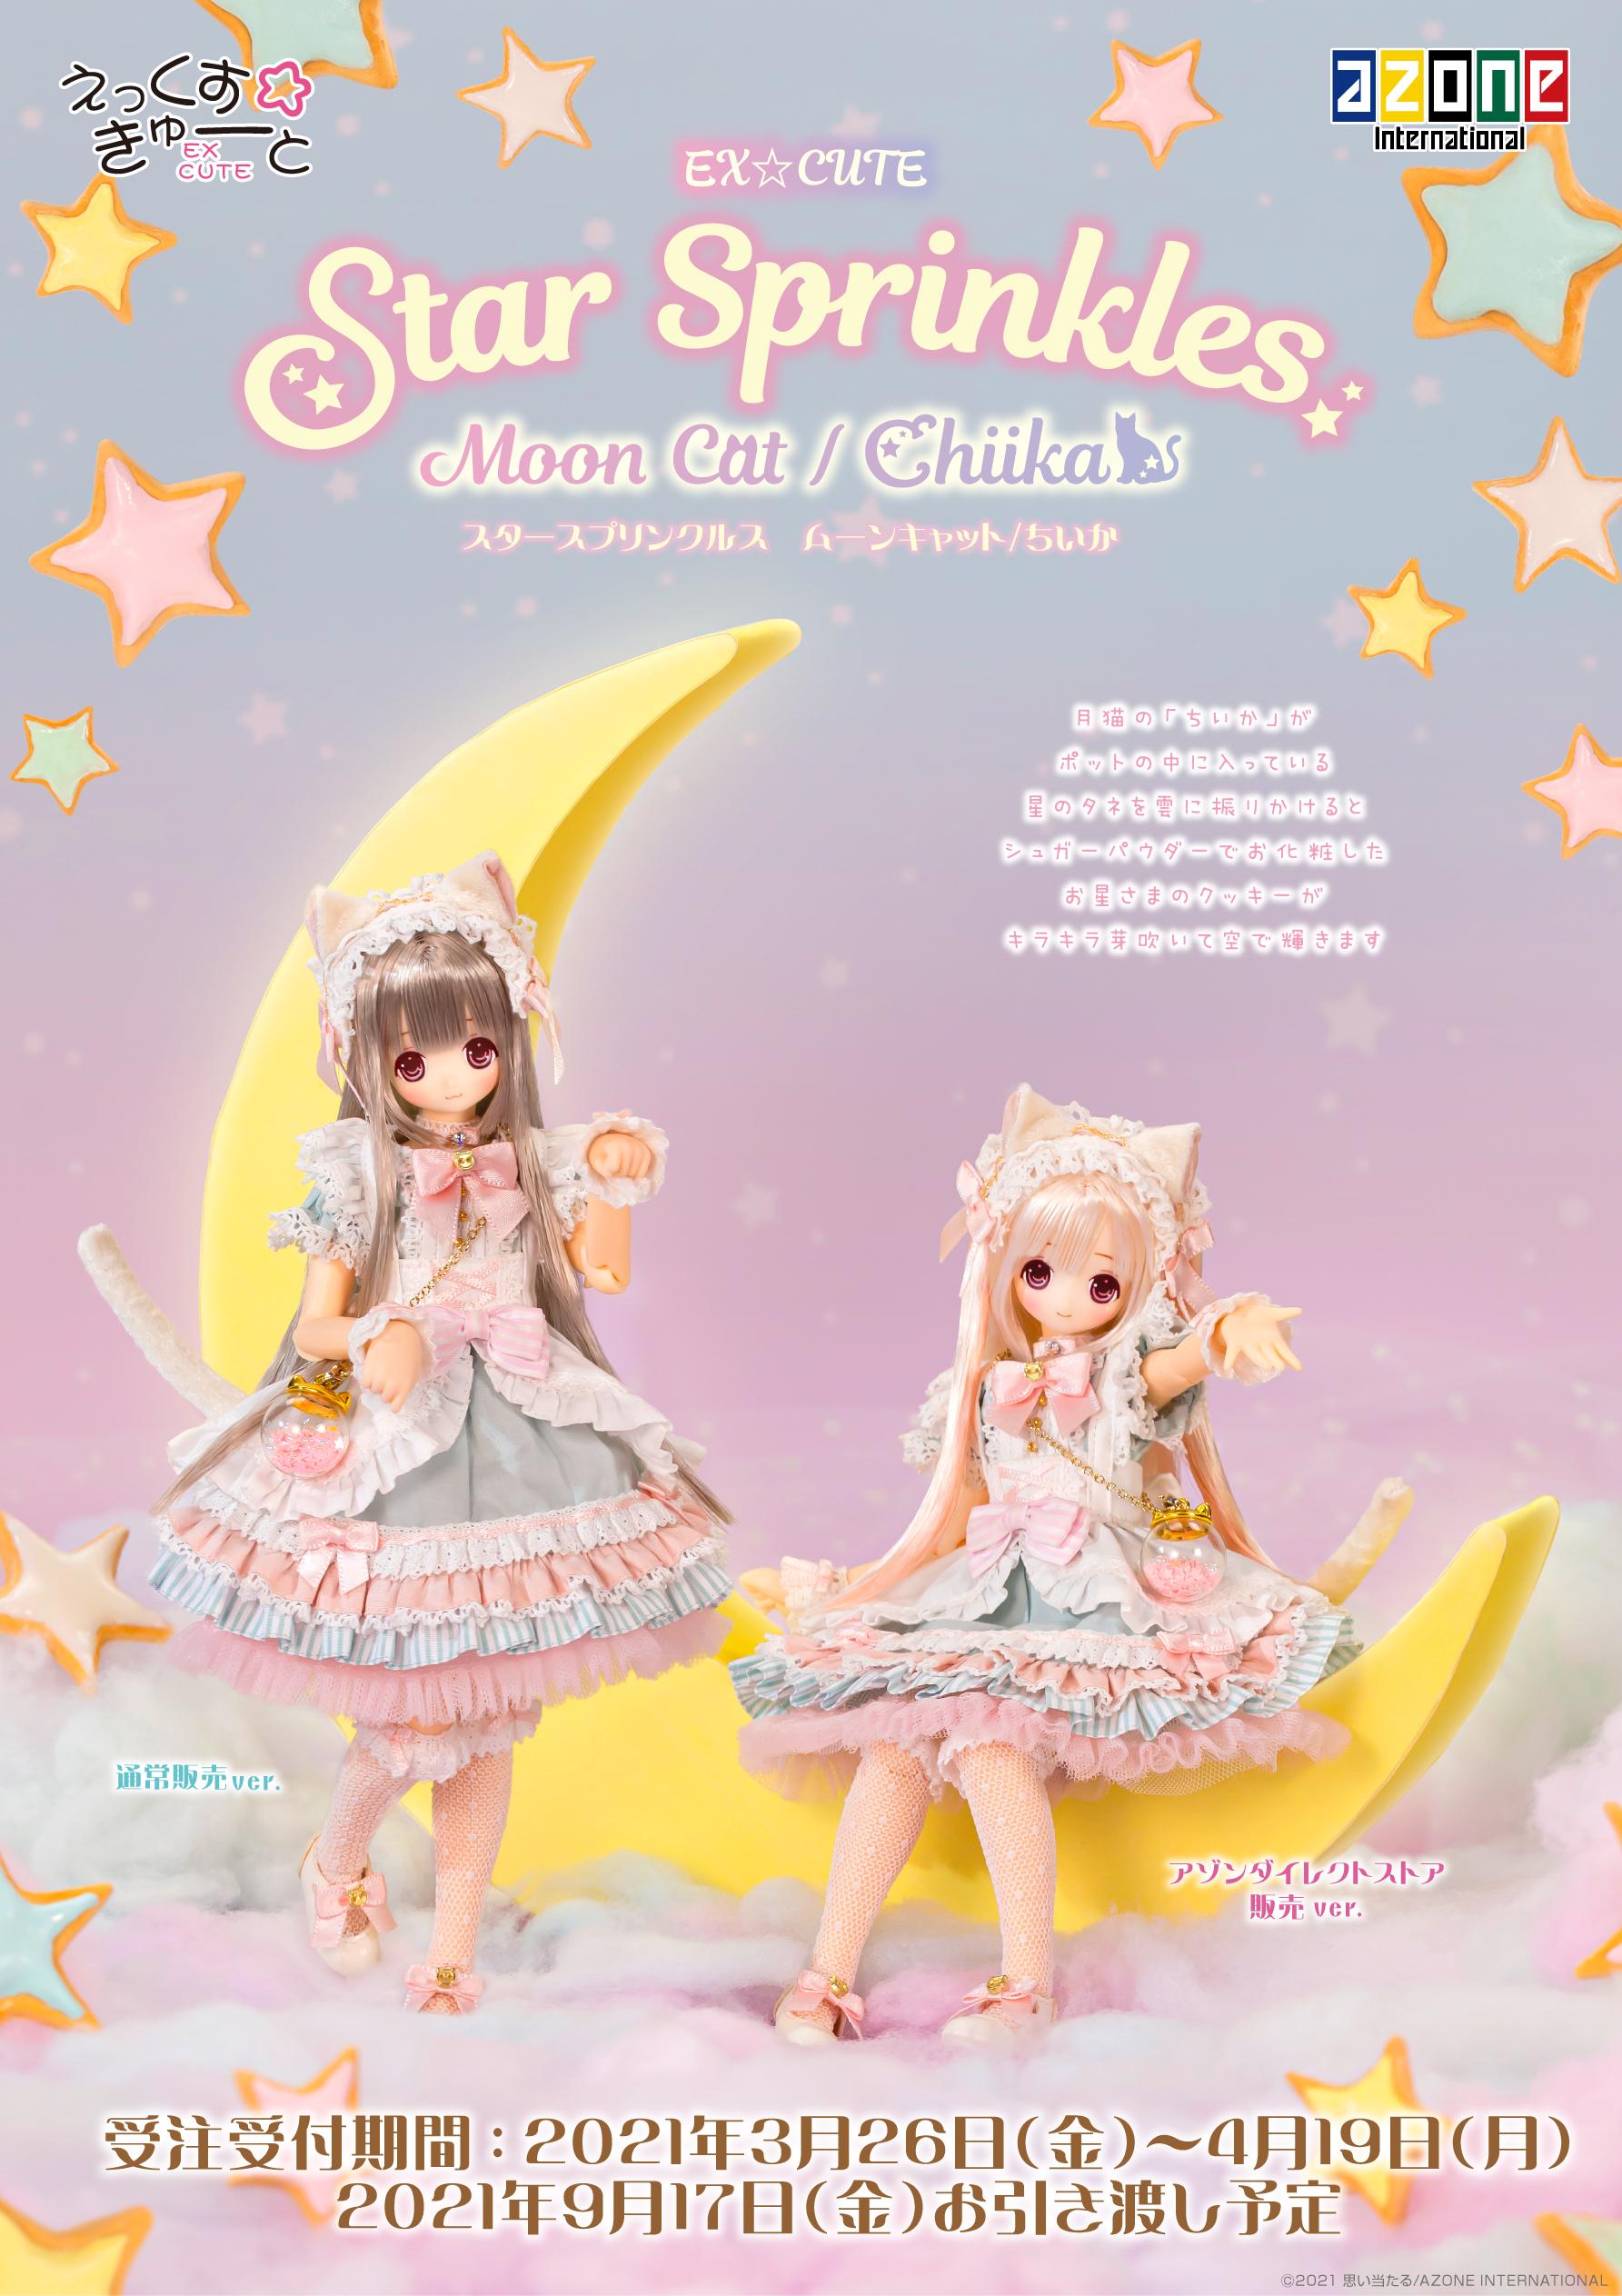 Star Sprinkles/Moon Cat Chiika